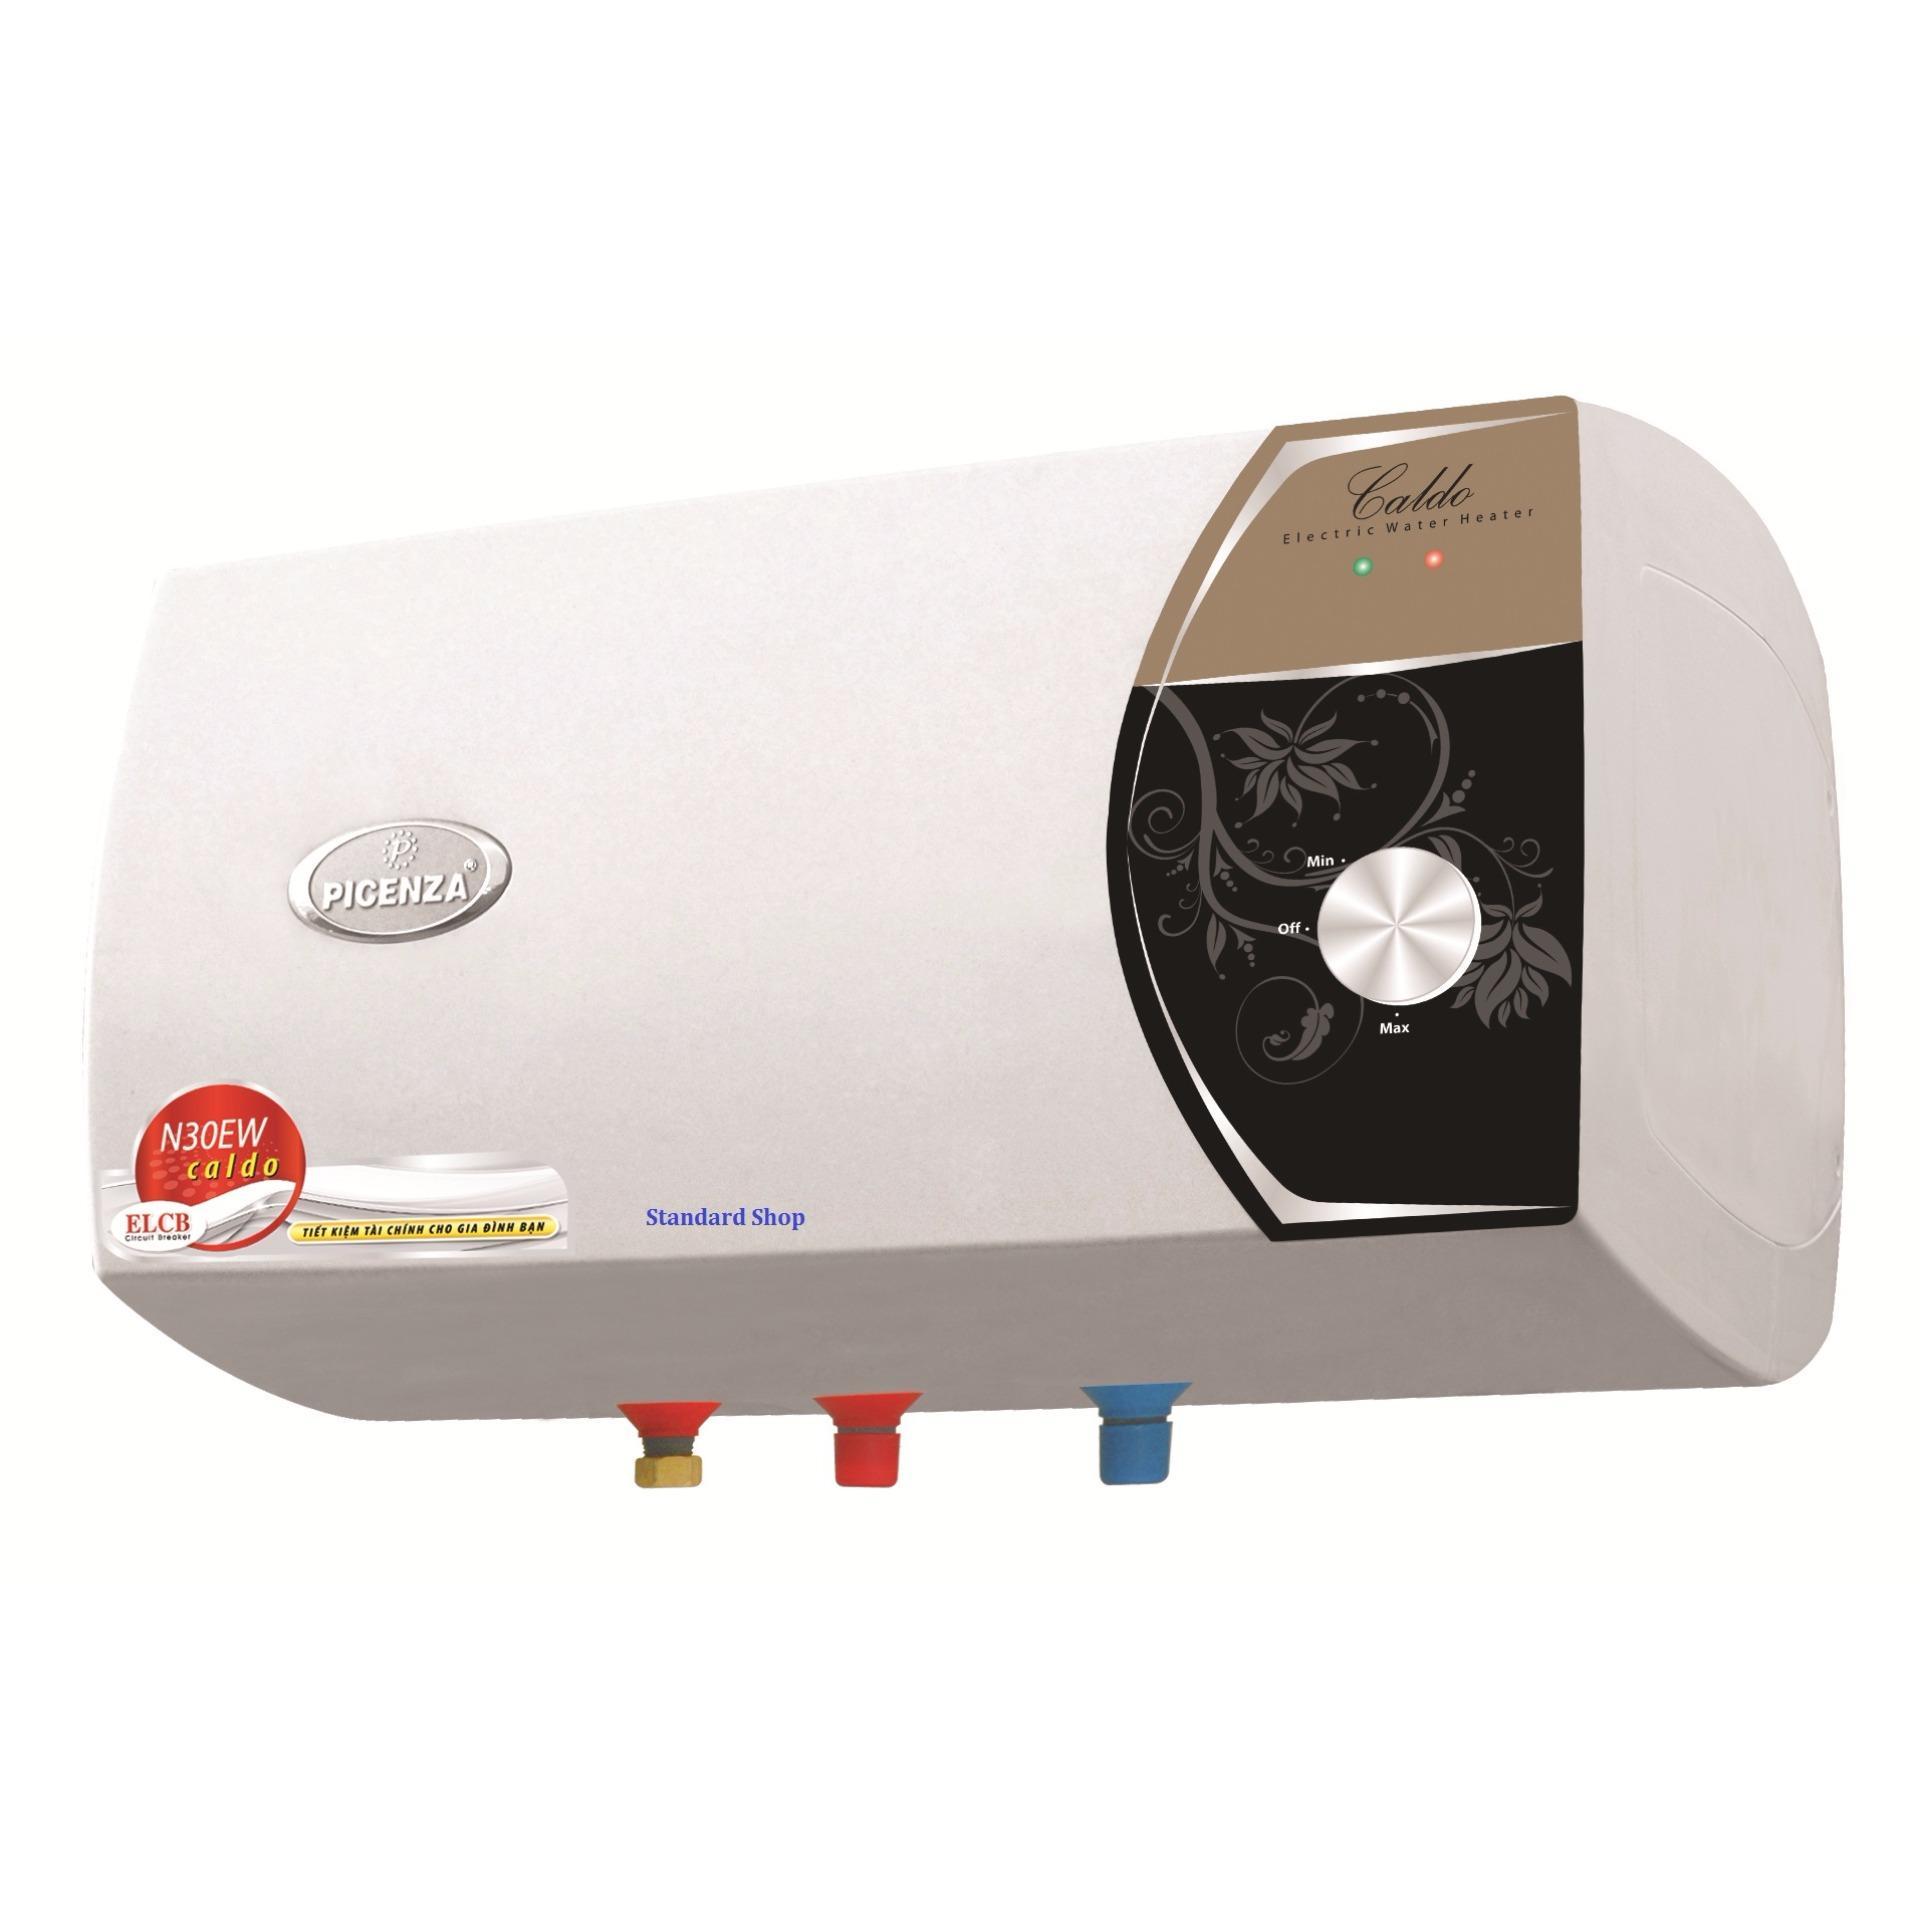 Bình nóng lạnh Picenza bình ngang N30EW -30L